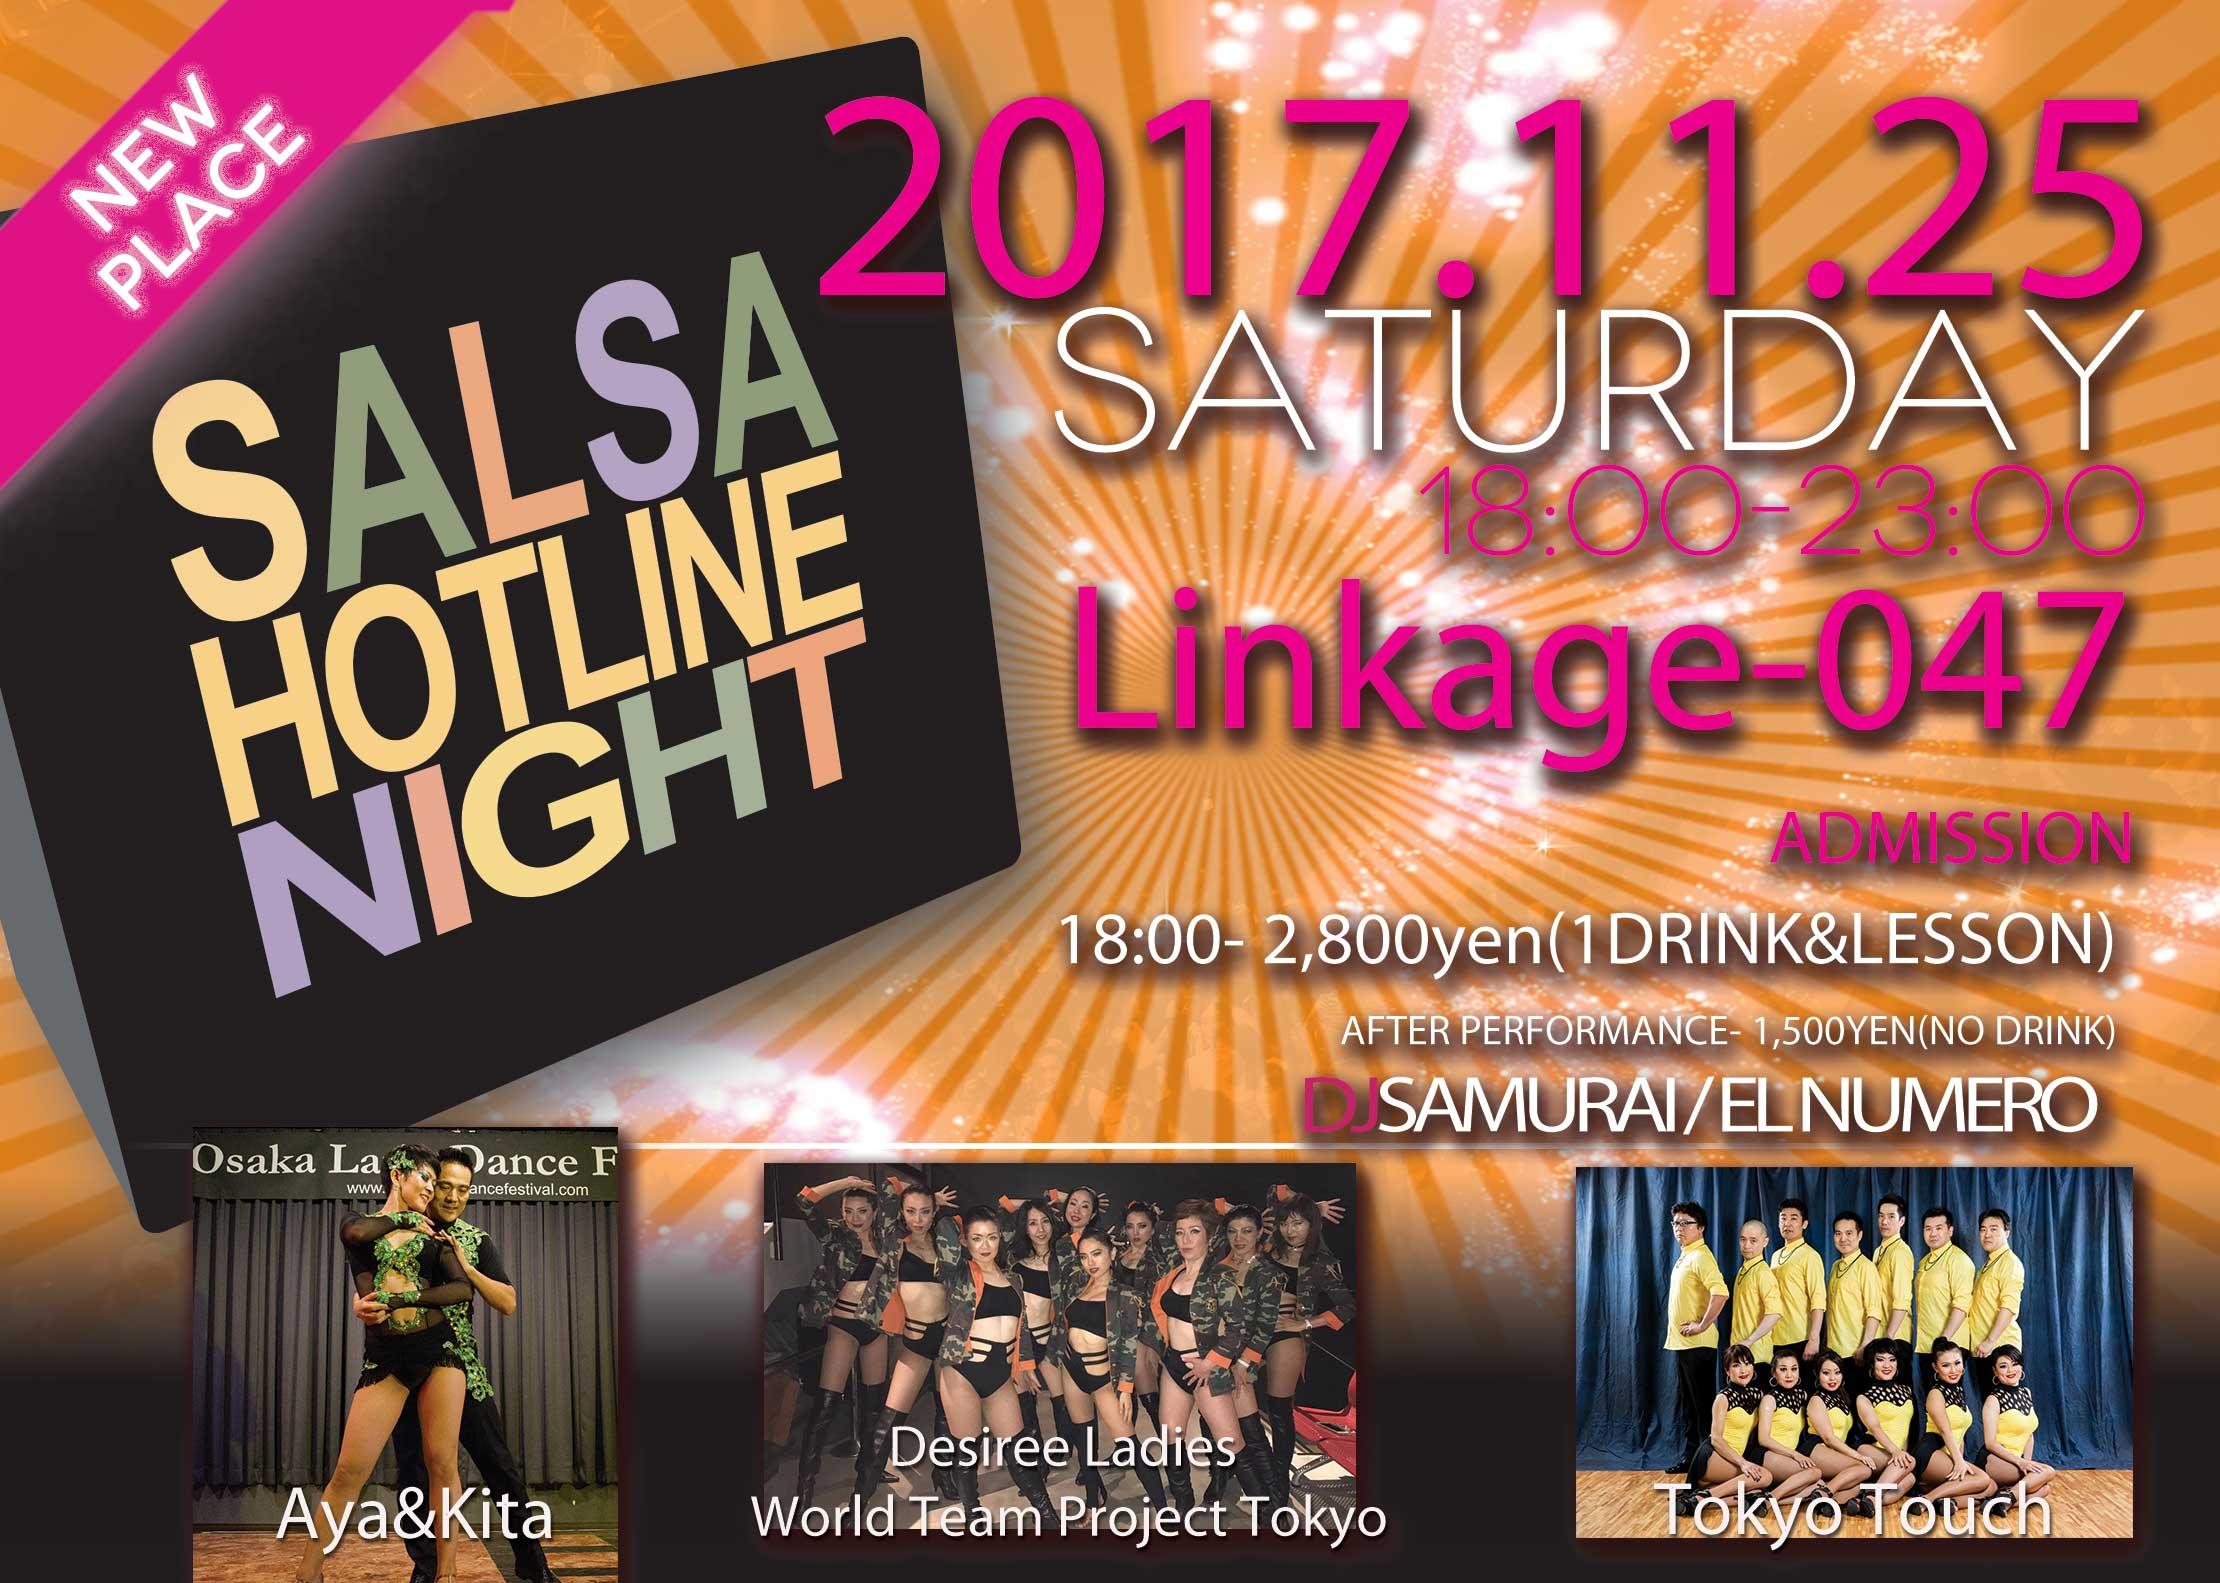 第235回 Salsa Hotline Night(サルホナイト) 【お得な早割あり!】レッスン by Aya&Kita Island Touchスタイルのバチャータレッスン、PF by Tokyo Touch、Desiree Ladies World Team Project Tokyo